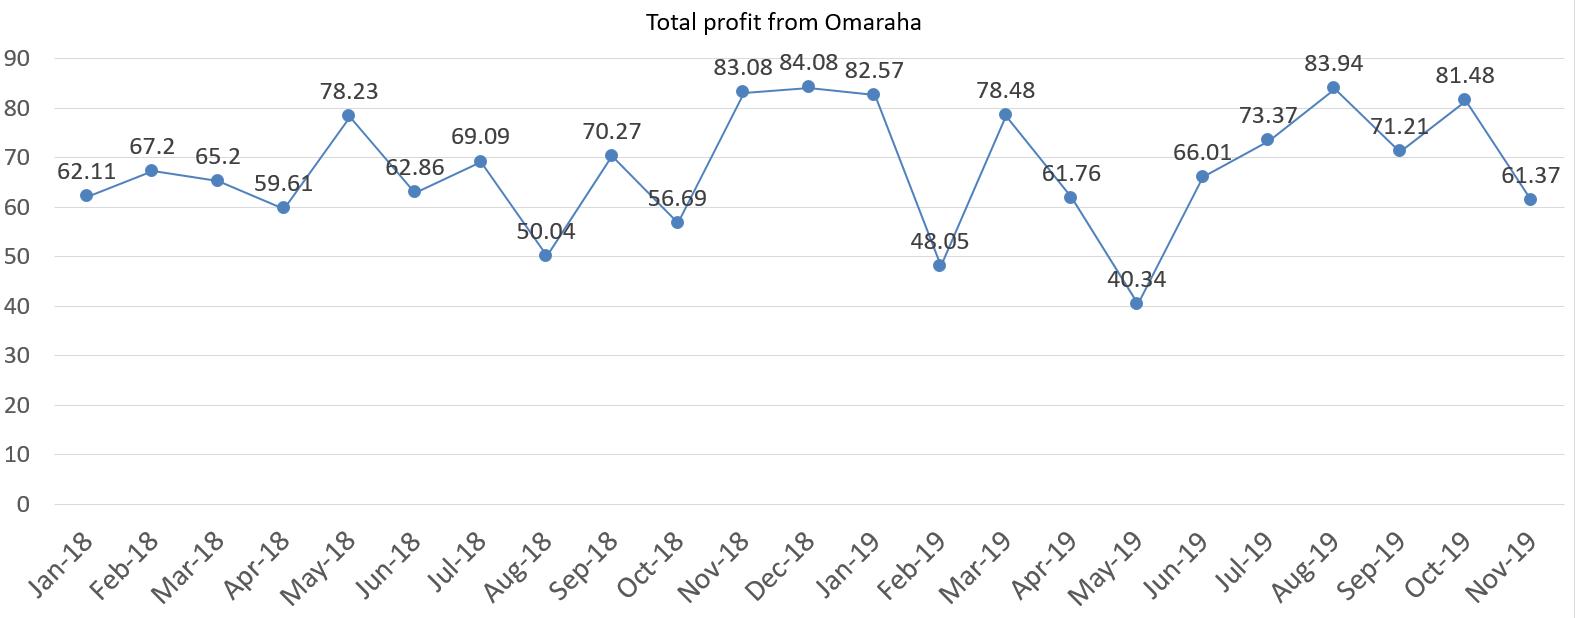 Total profit from Omaraha november 2019